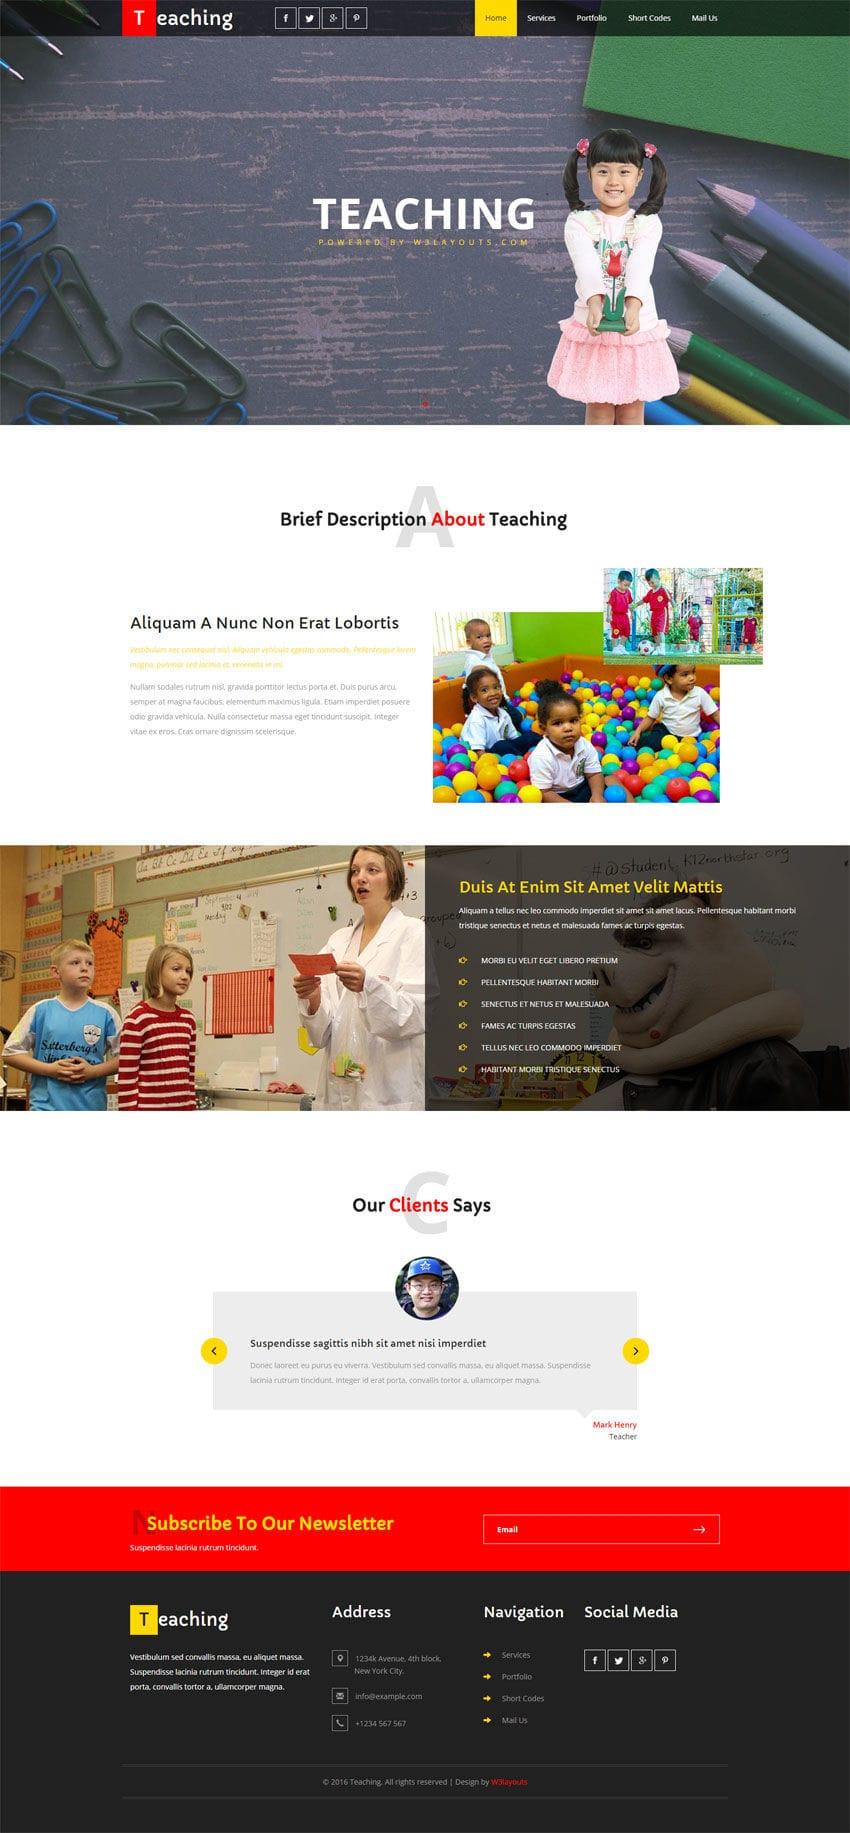 teaching_full